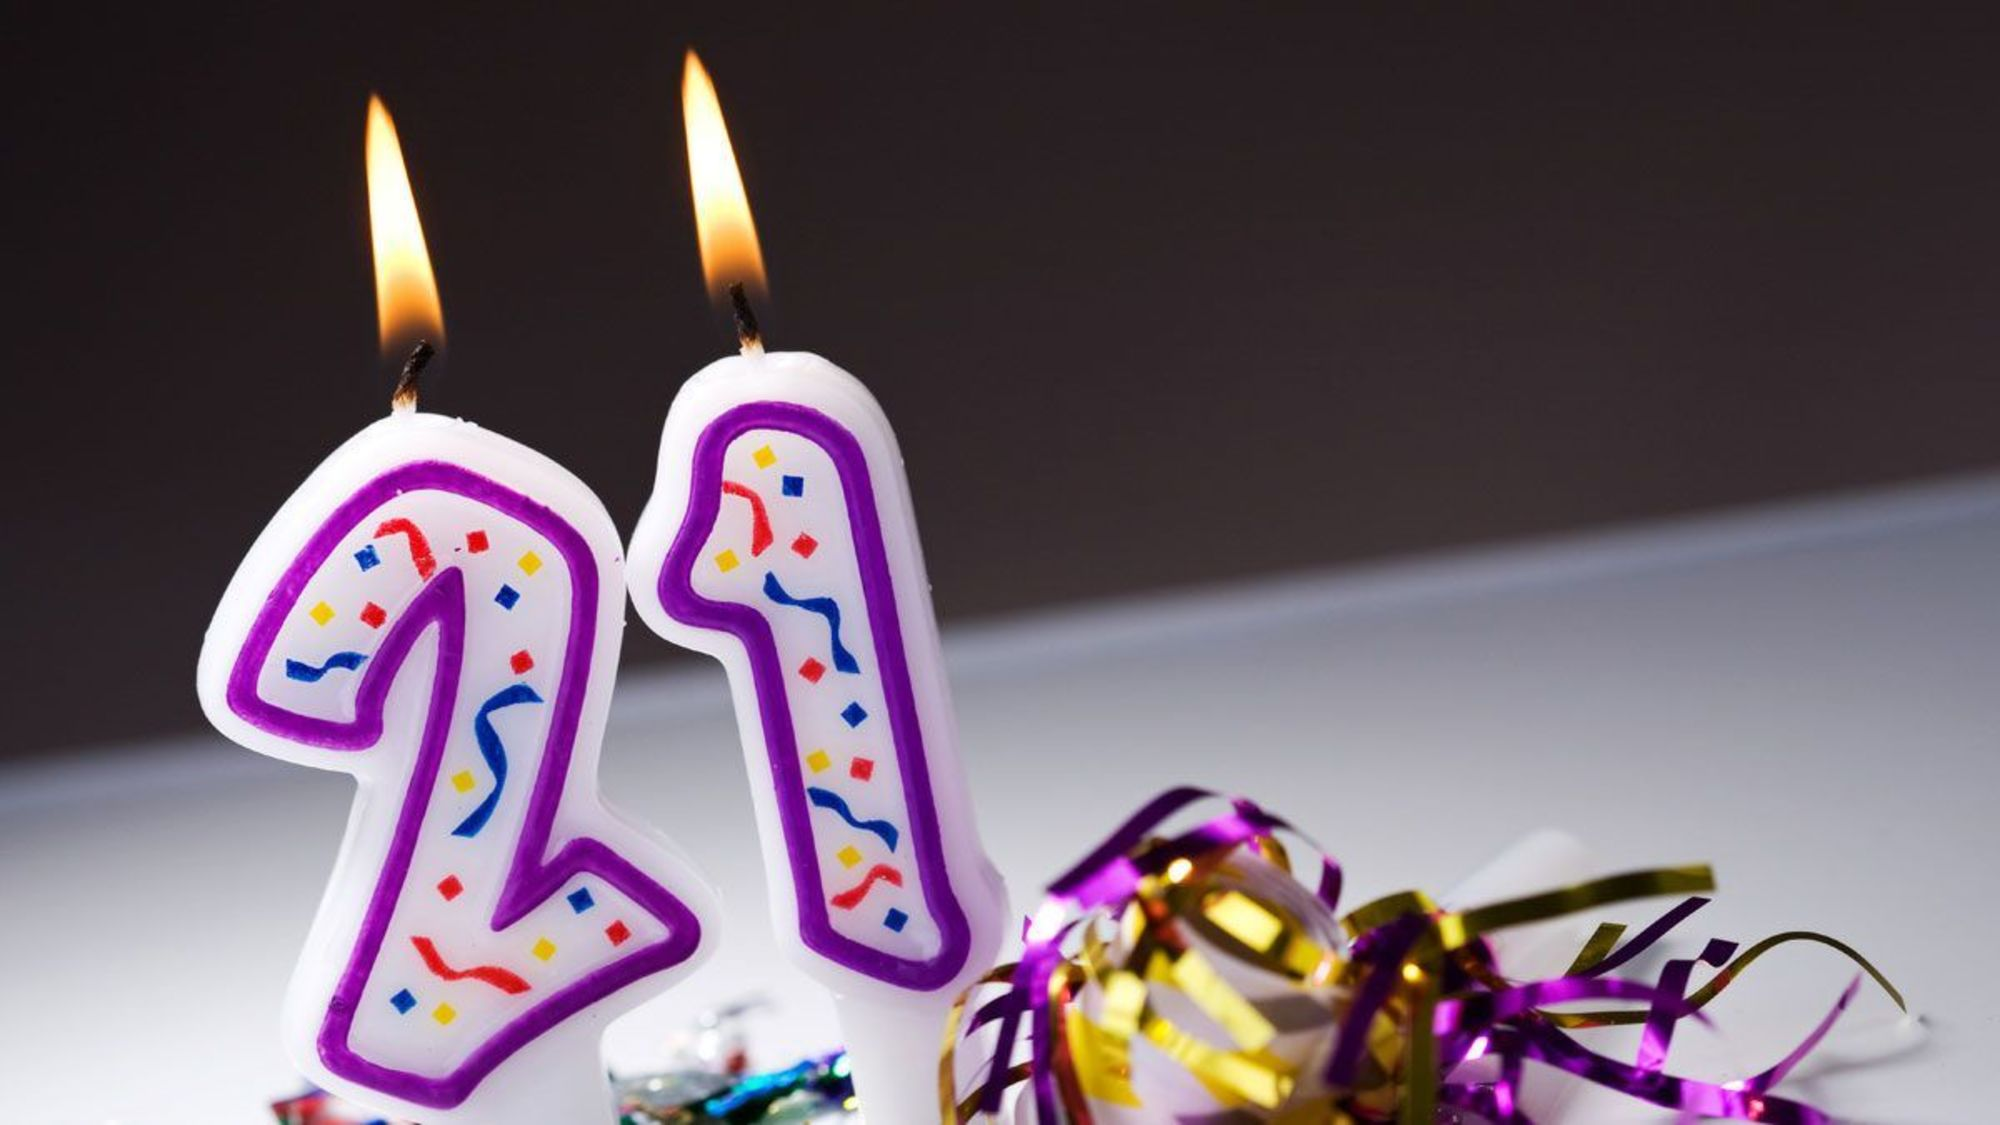 Открытка с 21 днём рождения 623